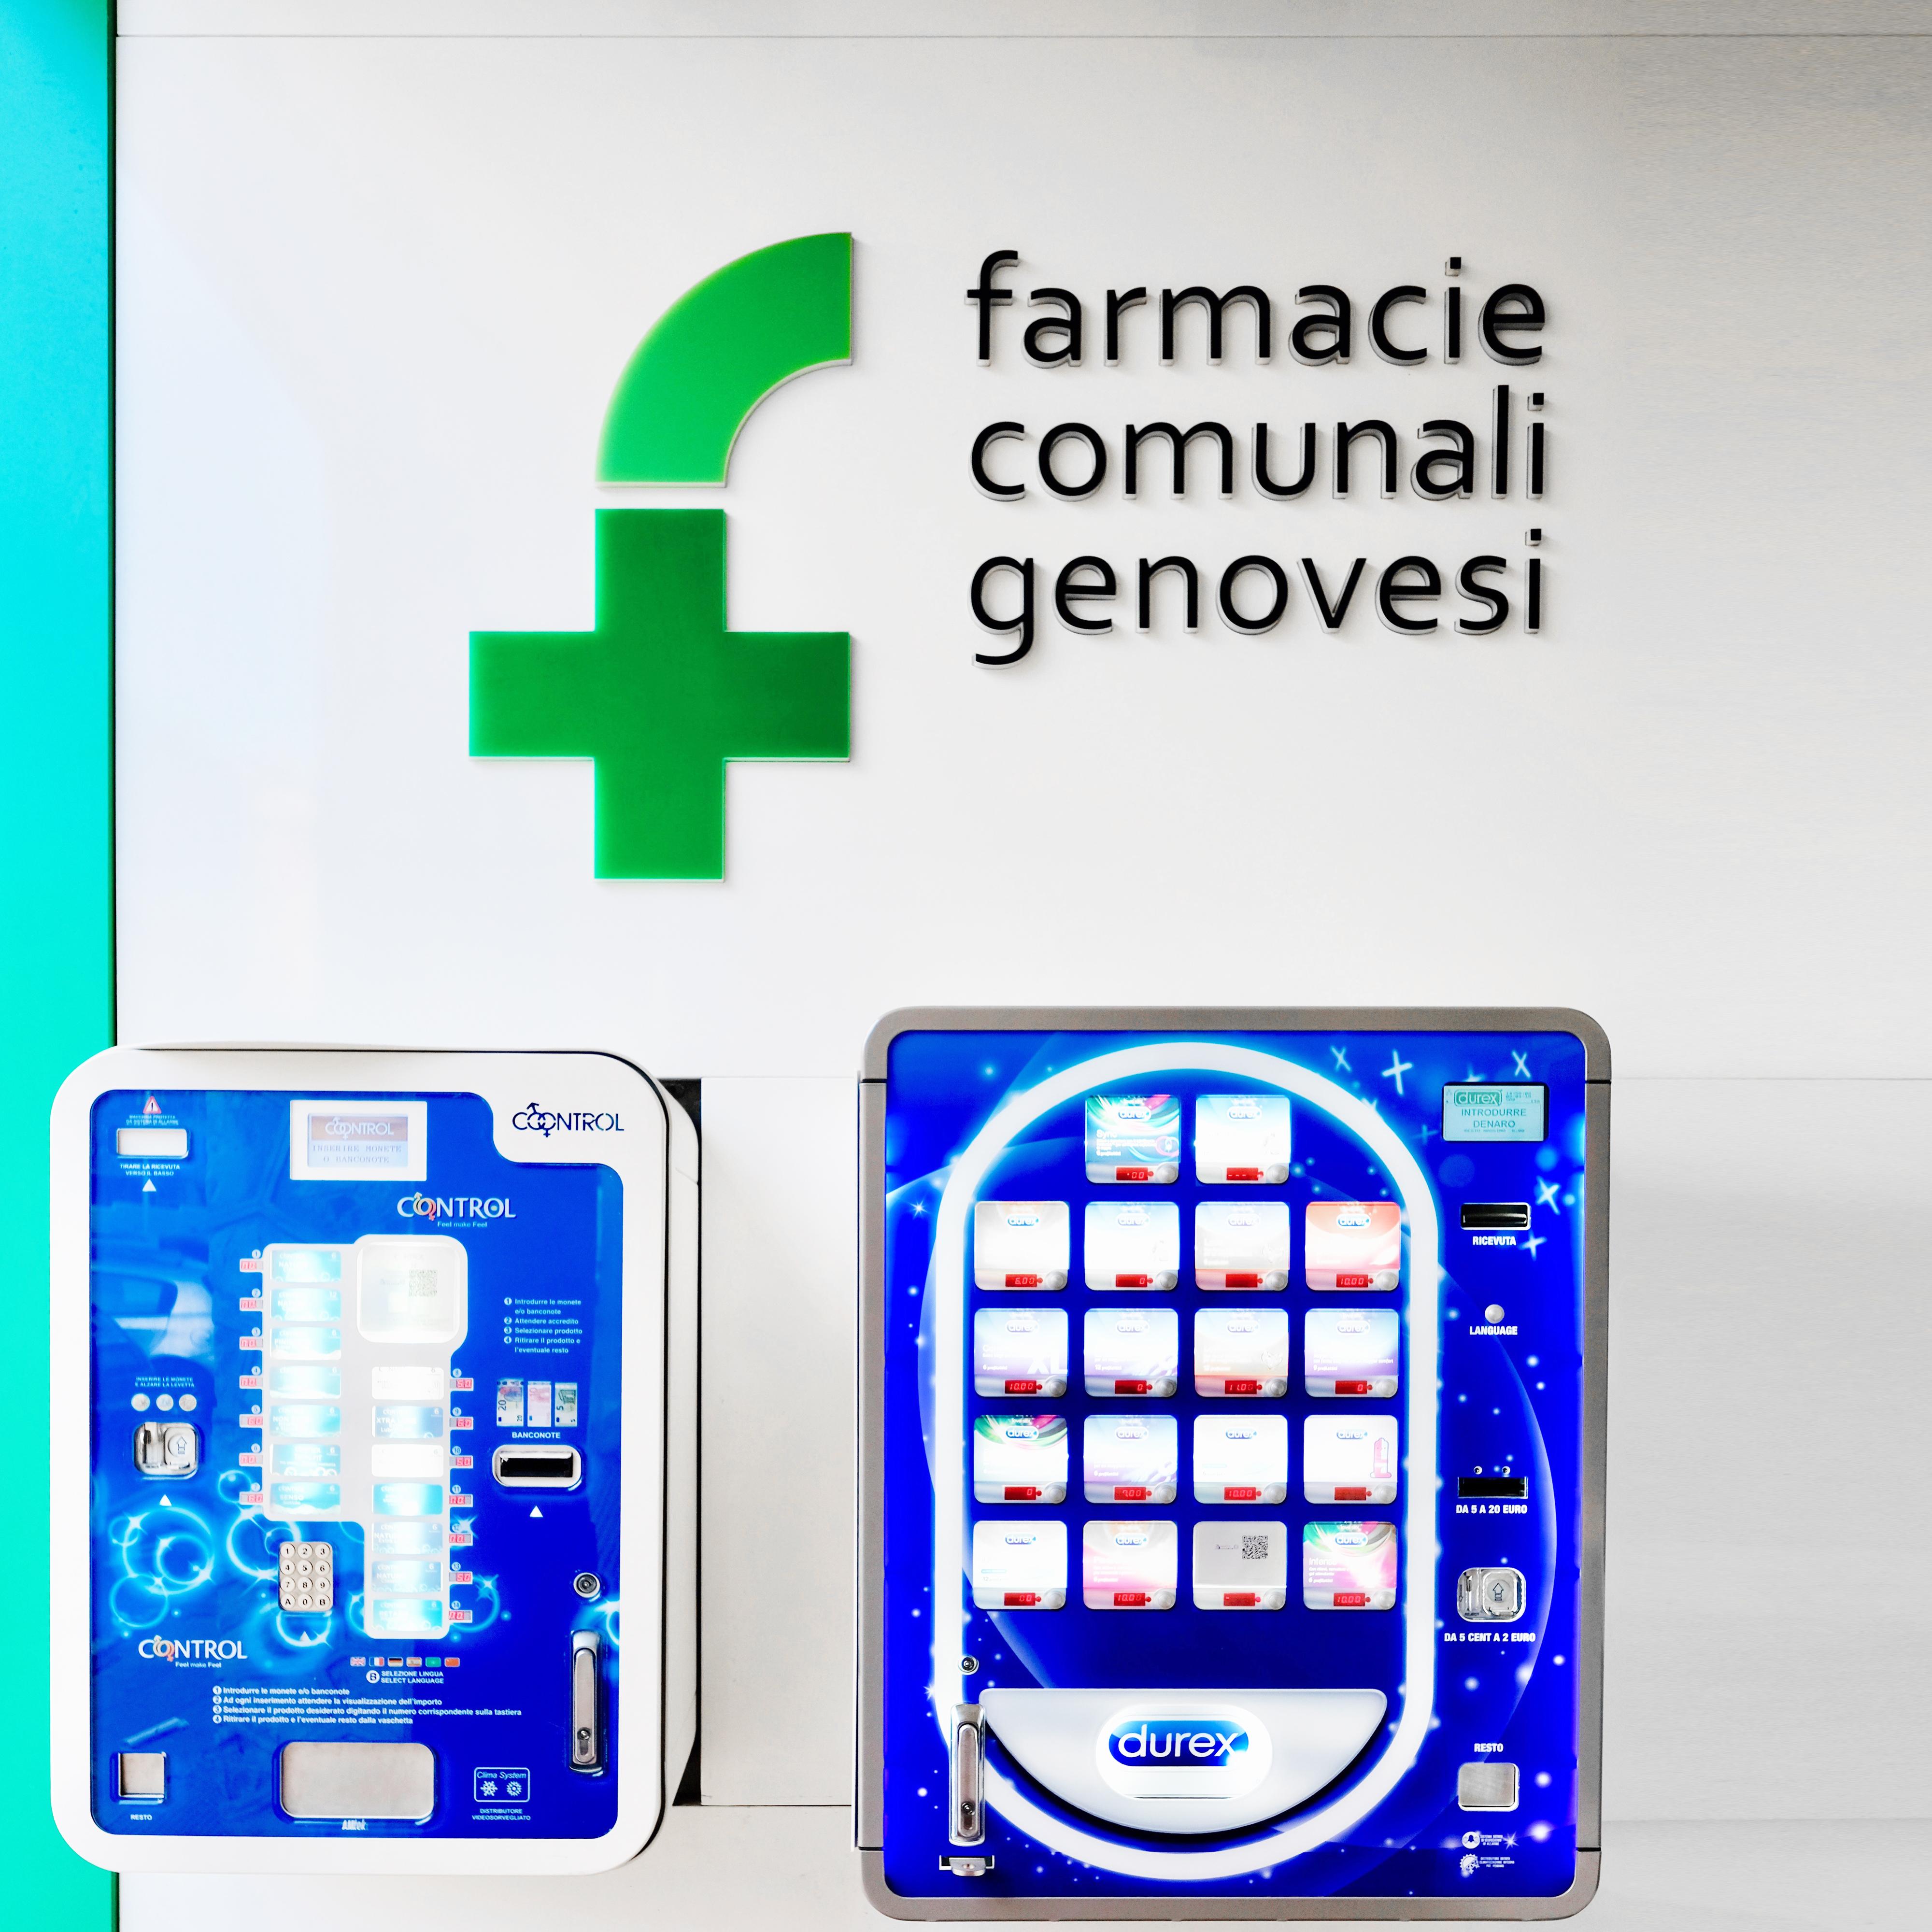 Farmacia Comunale Isonzo